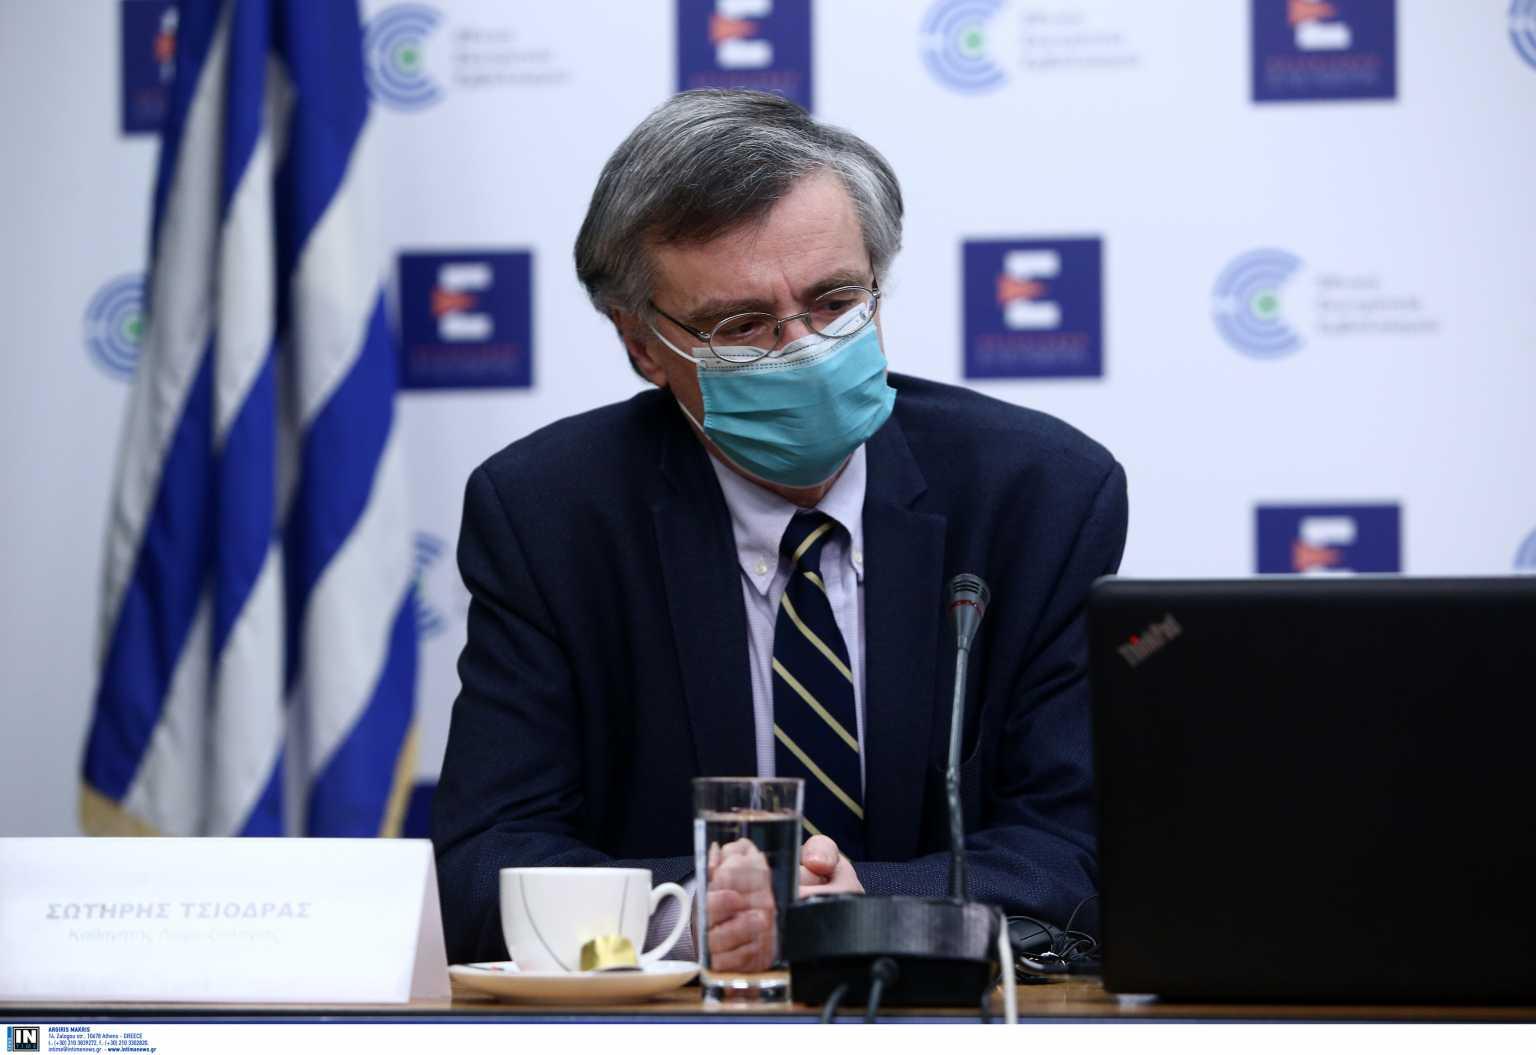 Σωτήρης Τσιόδρας: Τα εμβόλια είναι ασφαλή – Έχουμε γλιτώσει 8.400 θανάτους από κορονοϊό